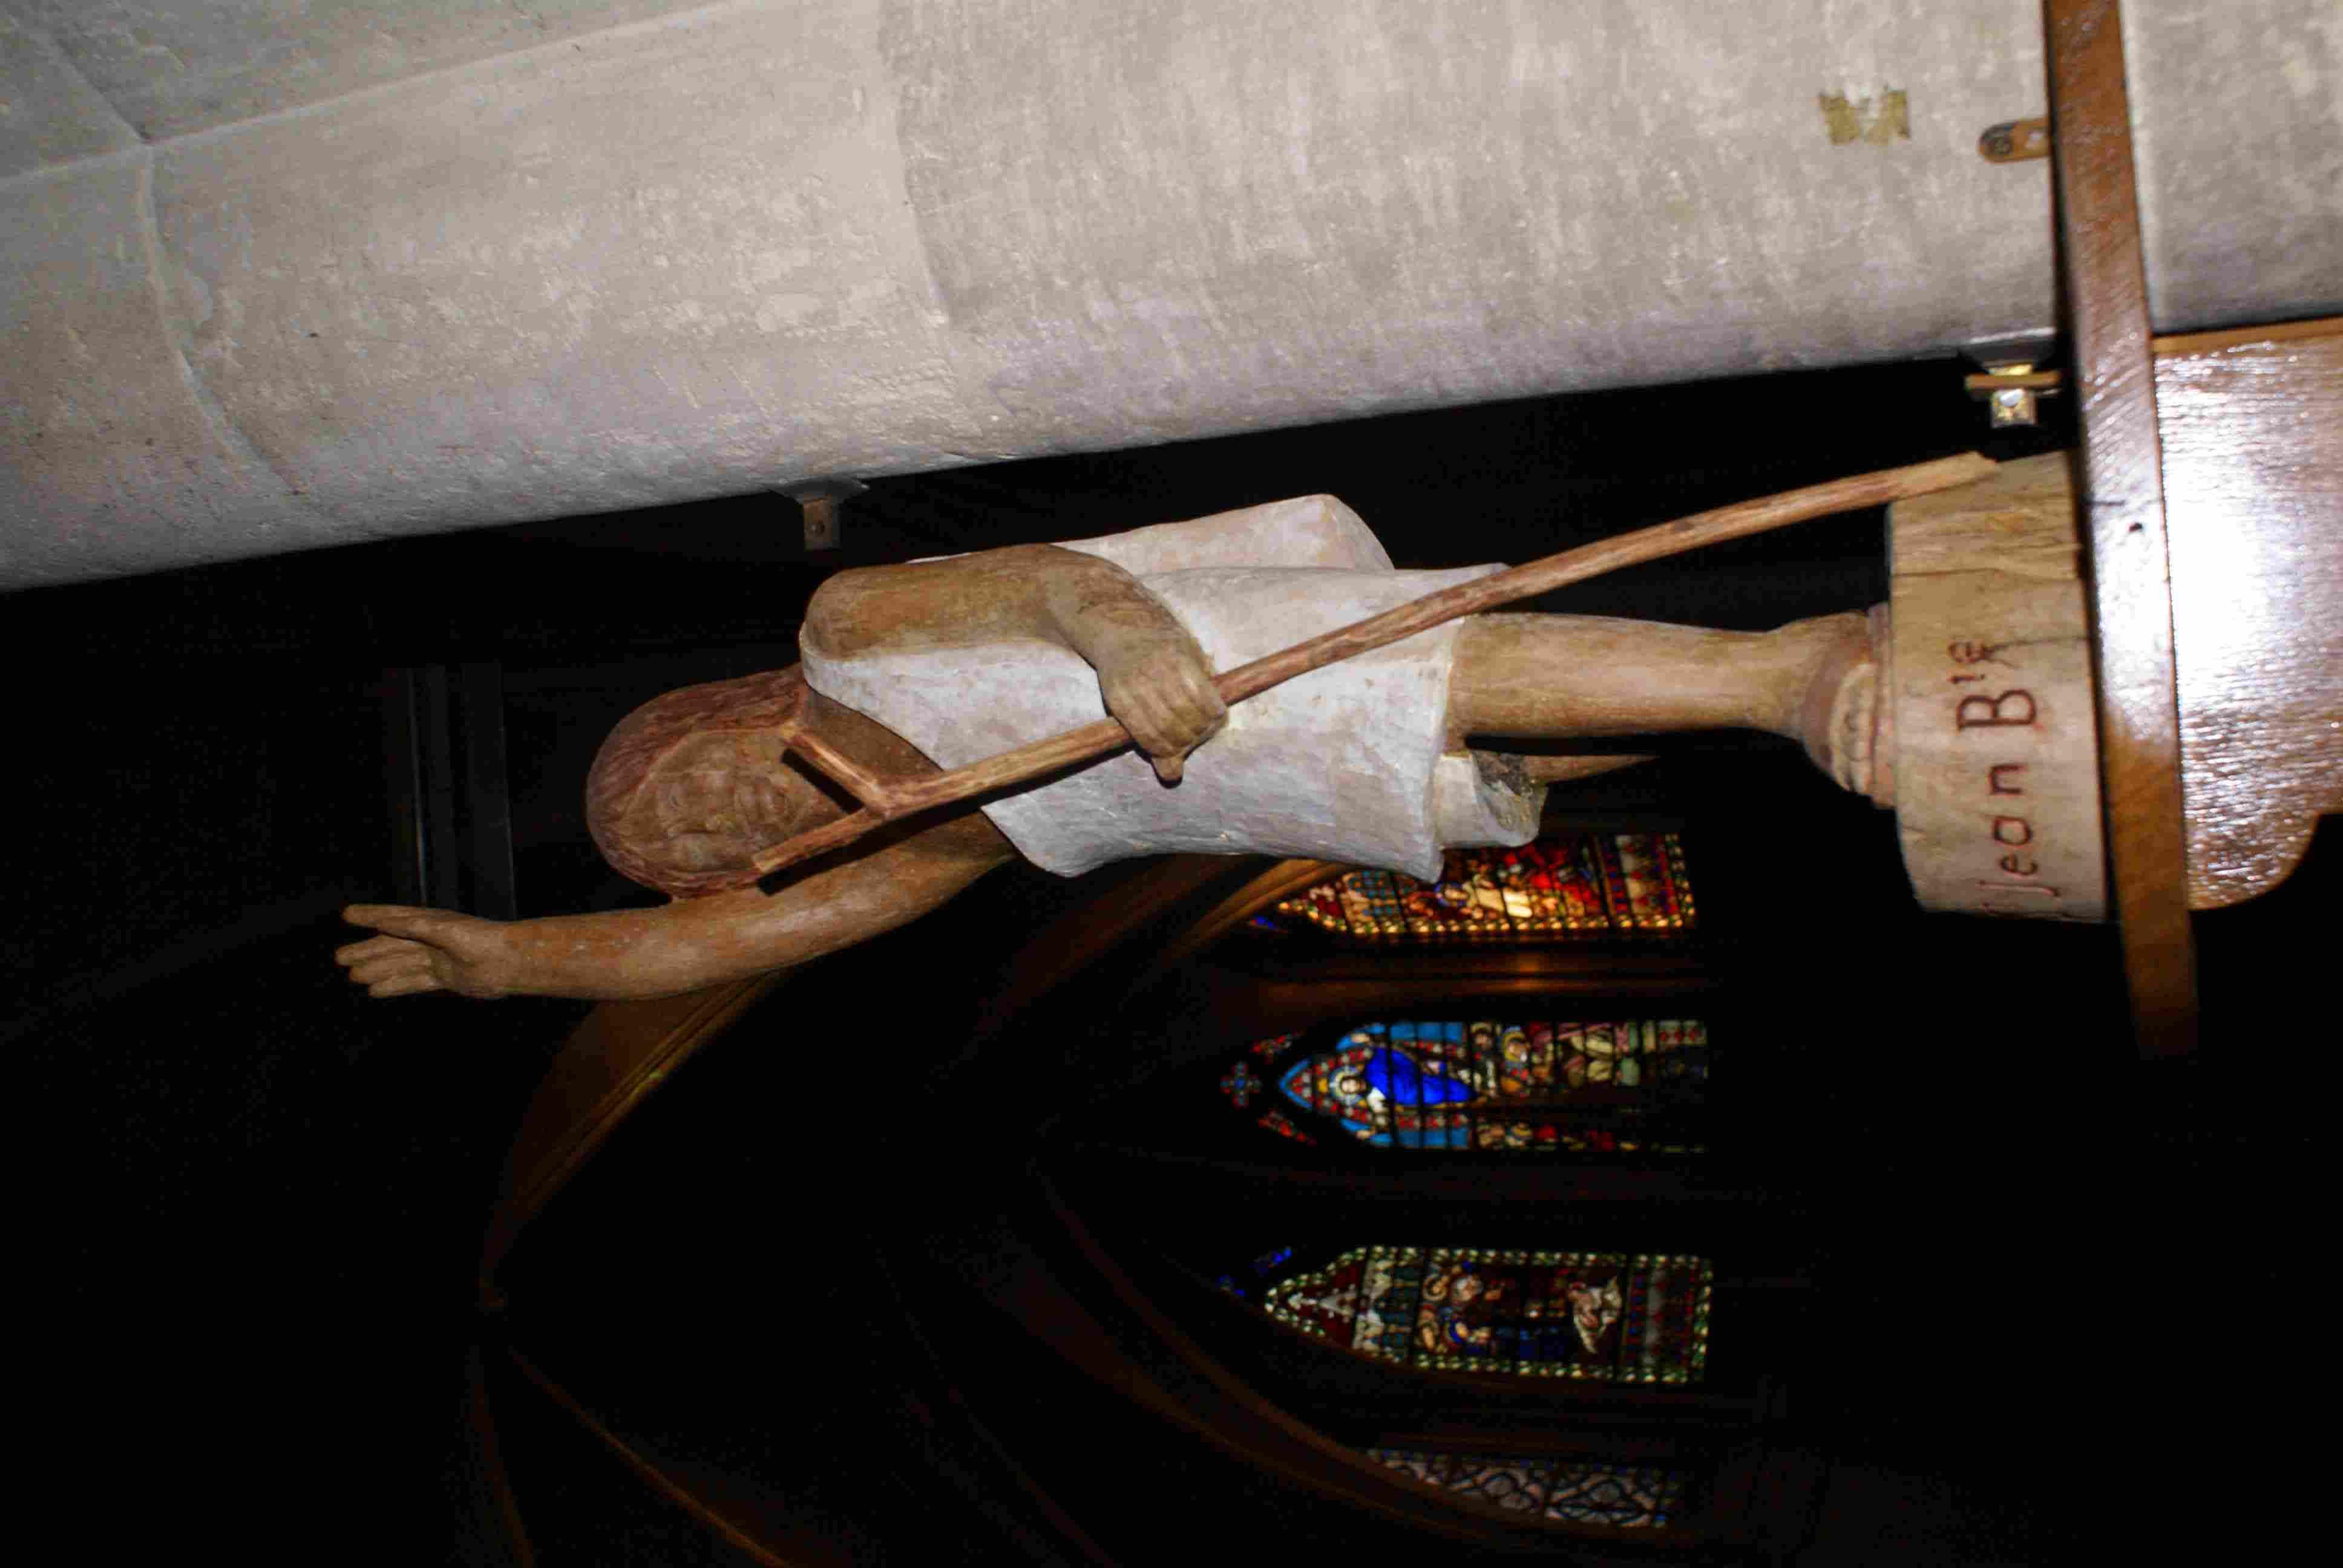 saint patron de notre paroisse dans son nom précédent, associé à l'Escaut qui ne passe loin ...là-bas comme nous le montre saint JB. Cette statue a été sculptée par un saint saulvien qui souhaitait garder l'anonymat : il habitait non loin de l'église rue